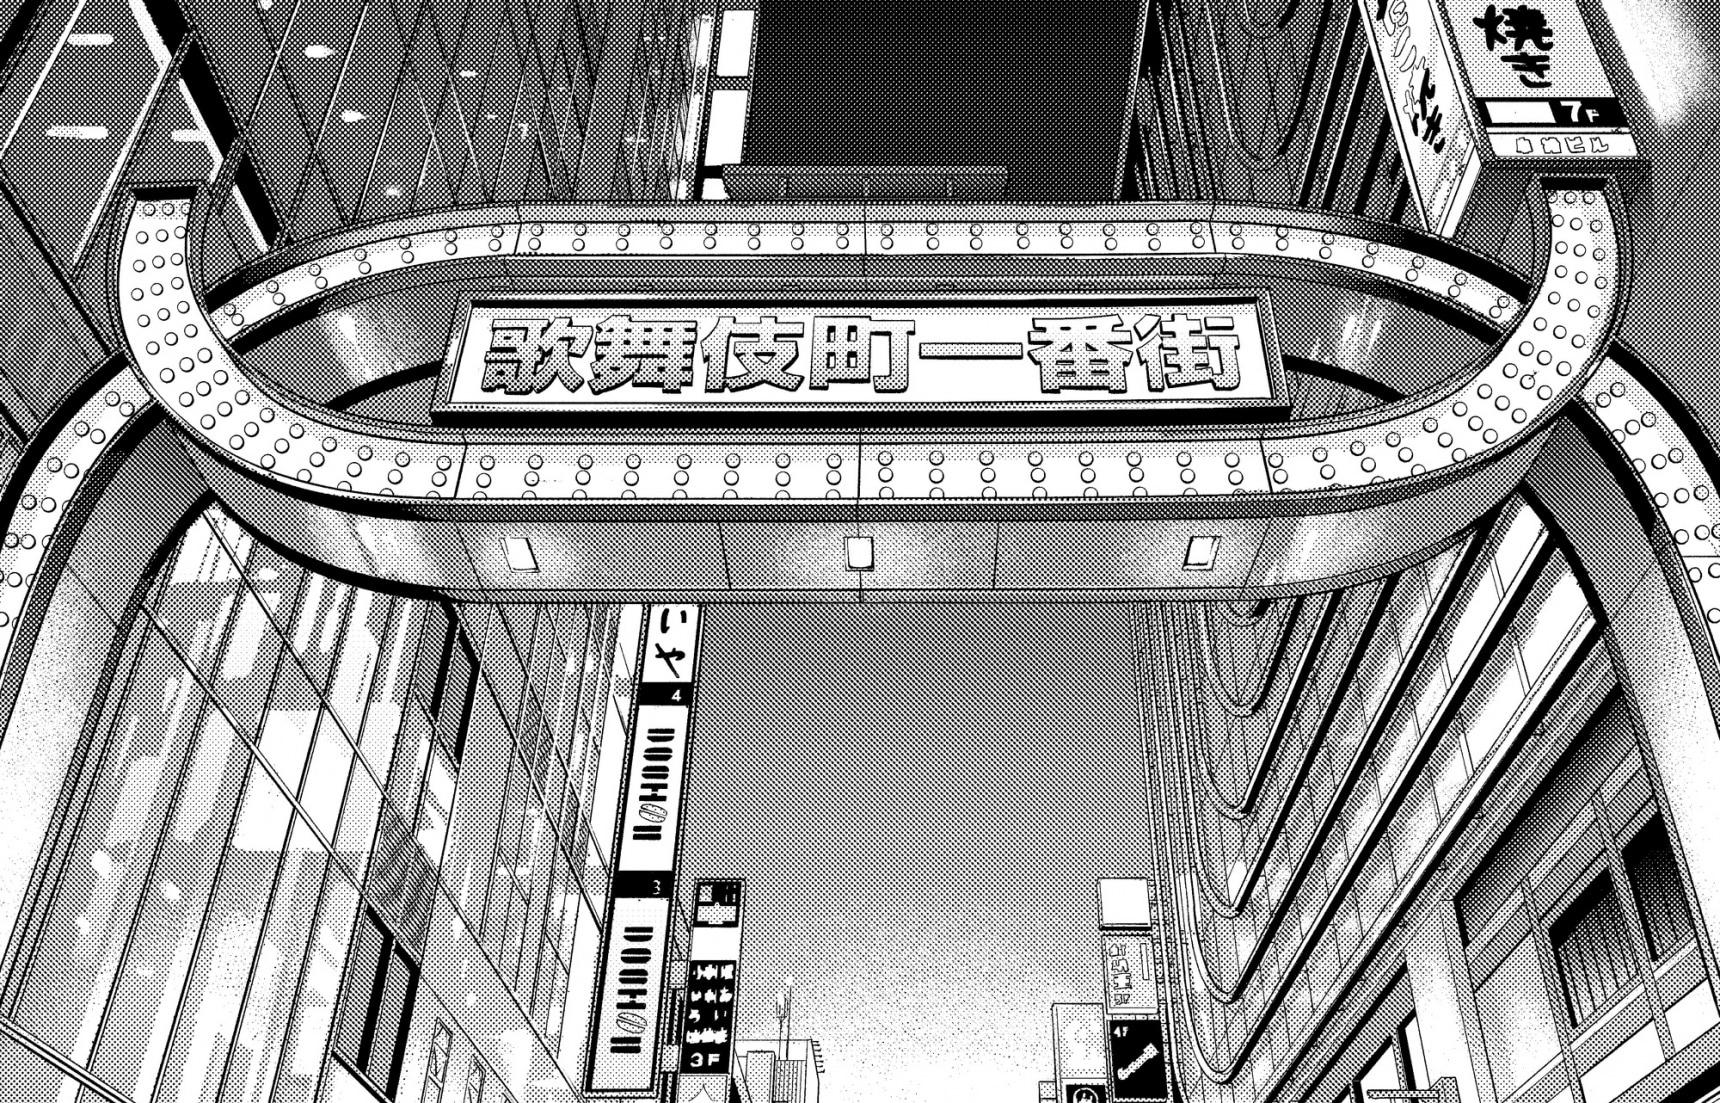 鬼灭之刃剧场版大热!日本人为什么这么爱看漫画?